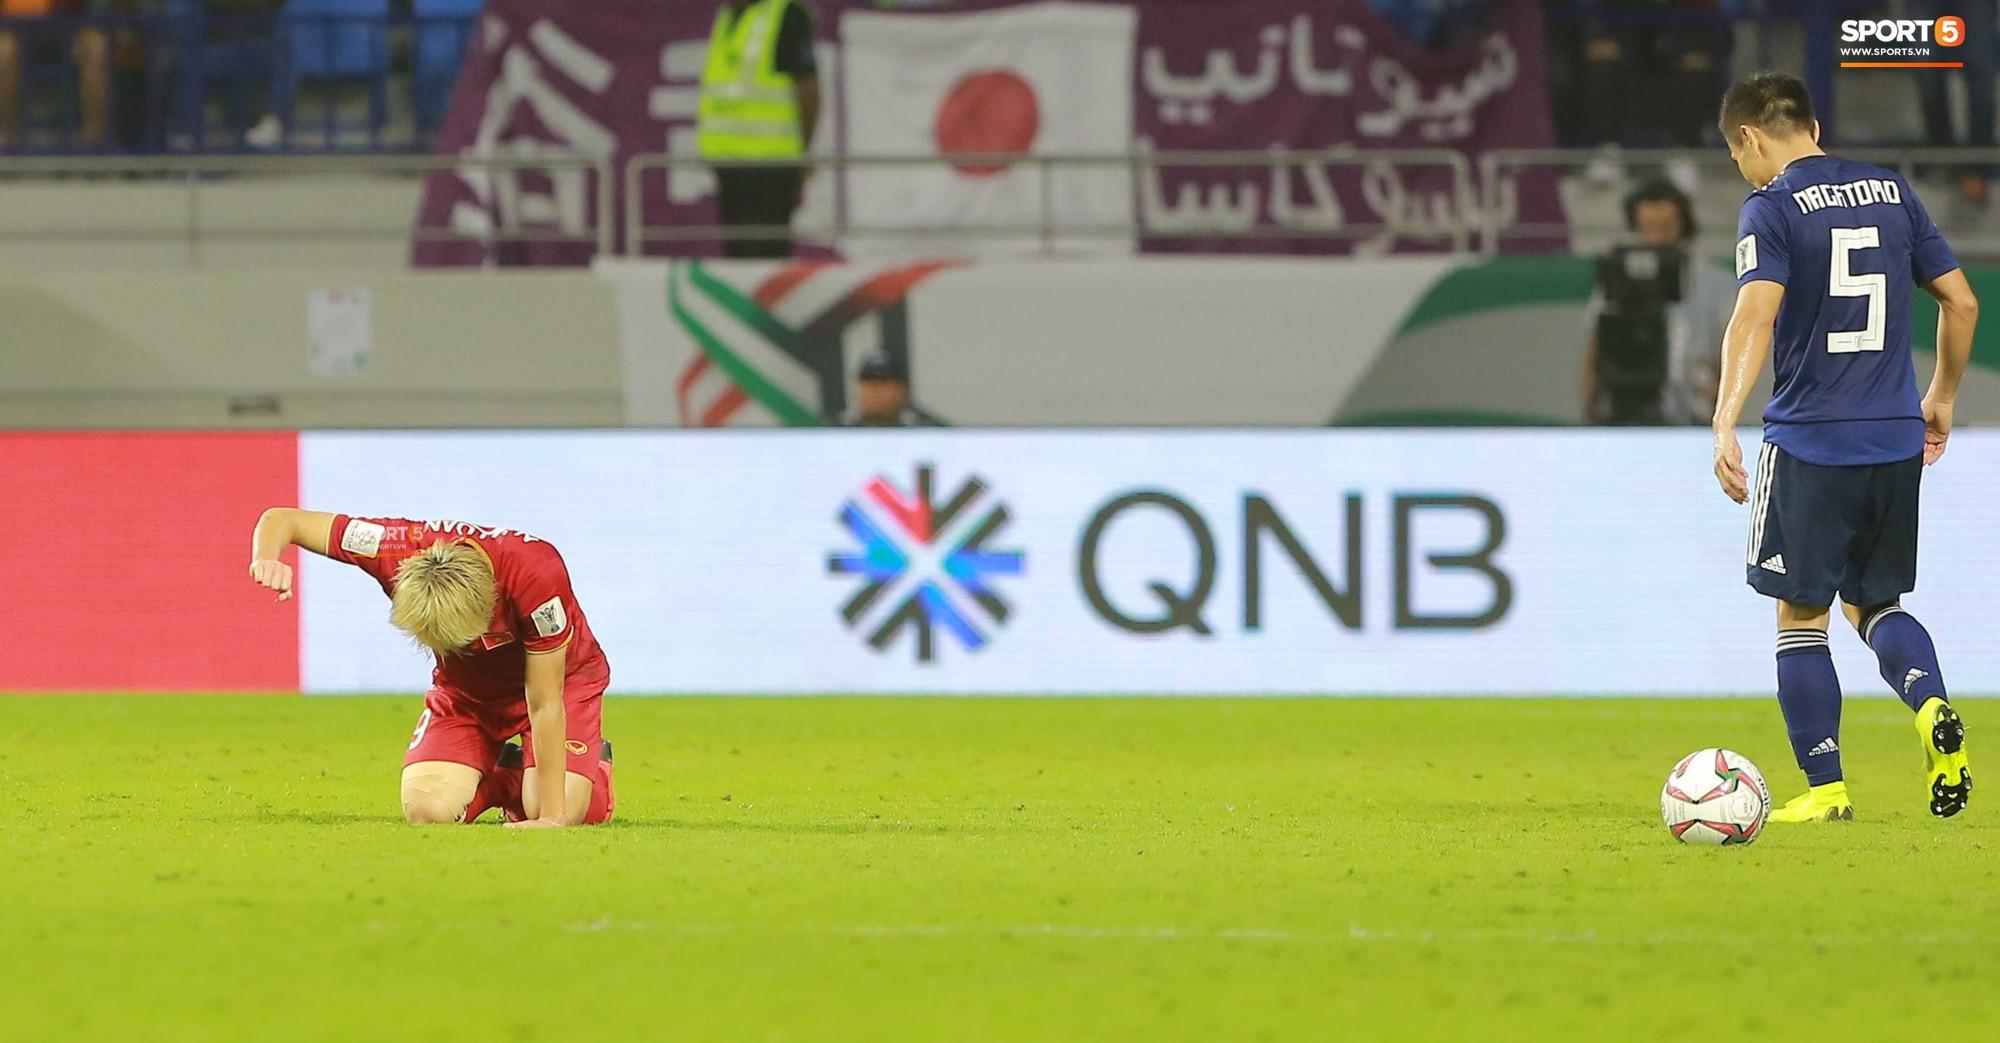 Văn Toàn đổ gục sau trận thua, ai nhìn hình ảnh này cũng muốn vào sân kéo cậu ấy đứng dậy-5